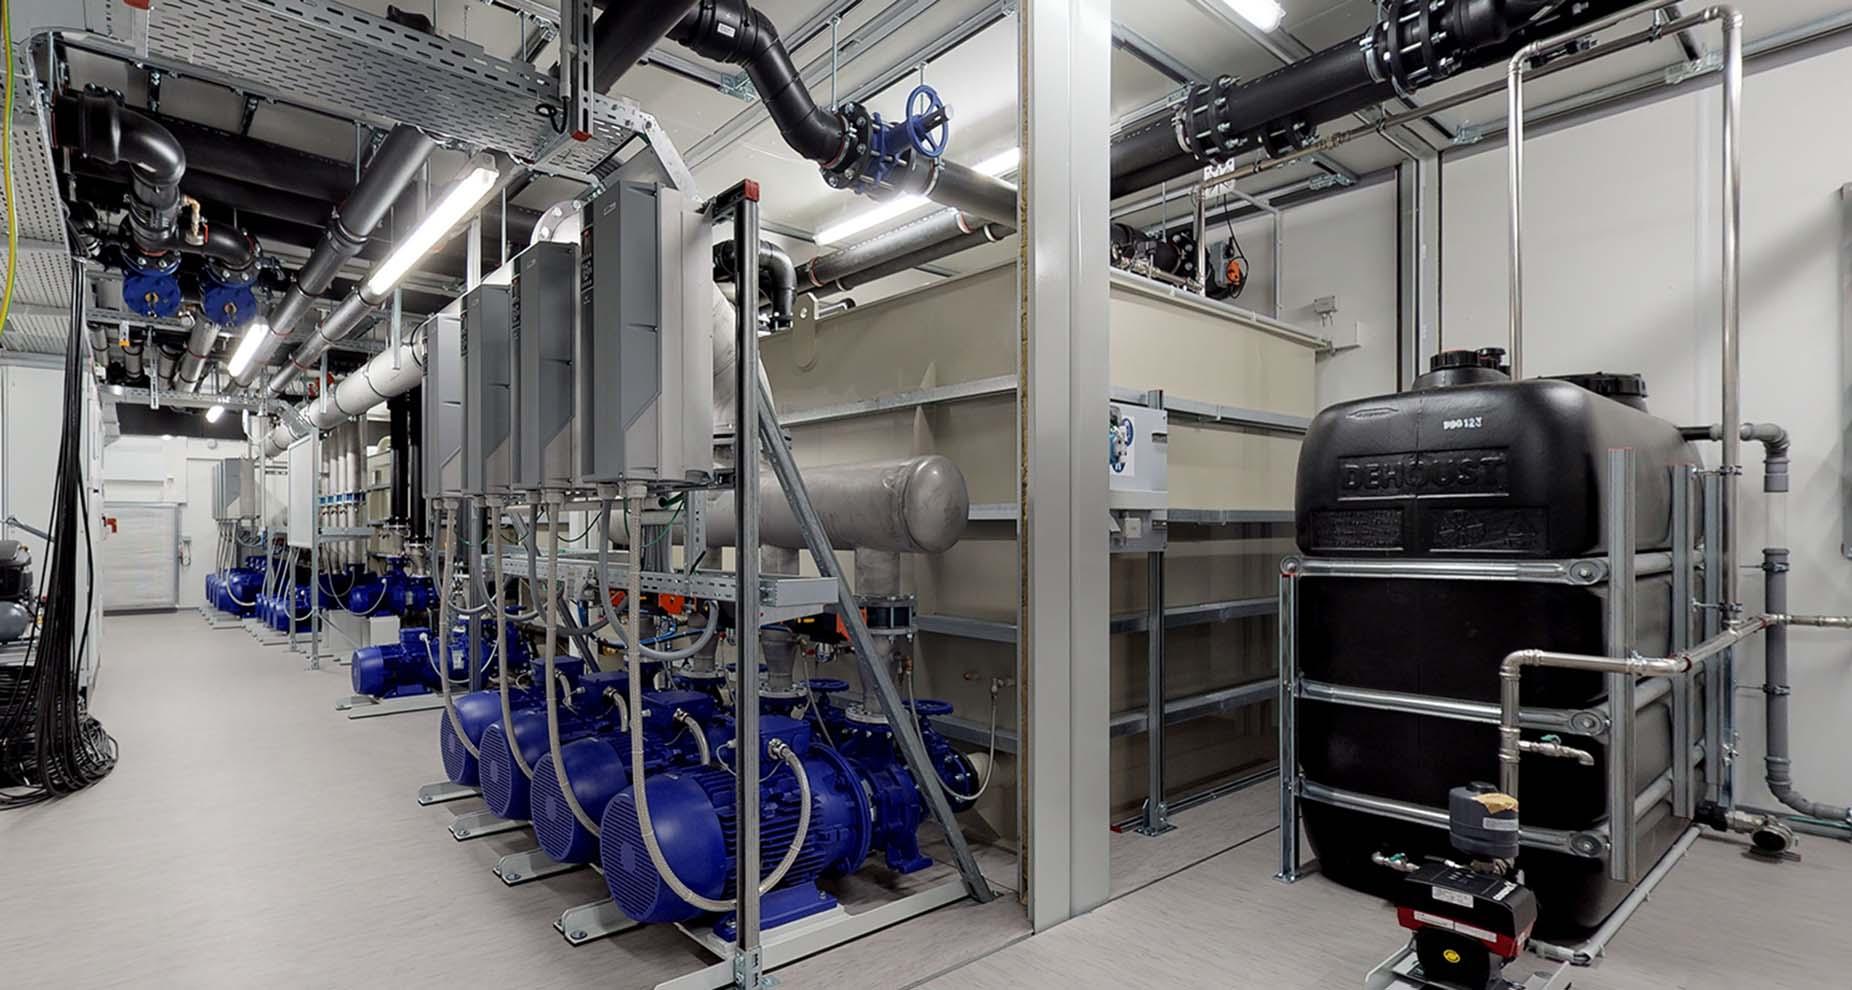 Einblicke in ONI-Anlagencontainer über moderne 3D-Scantechnologie